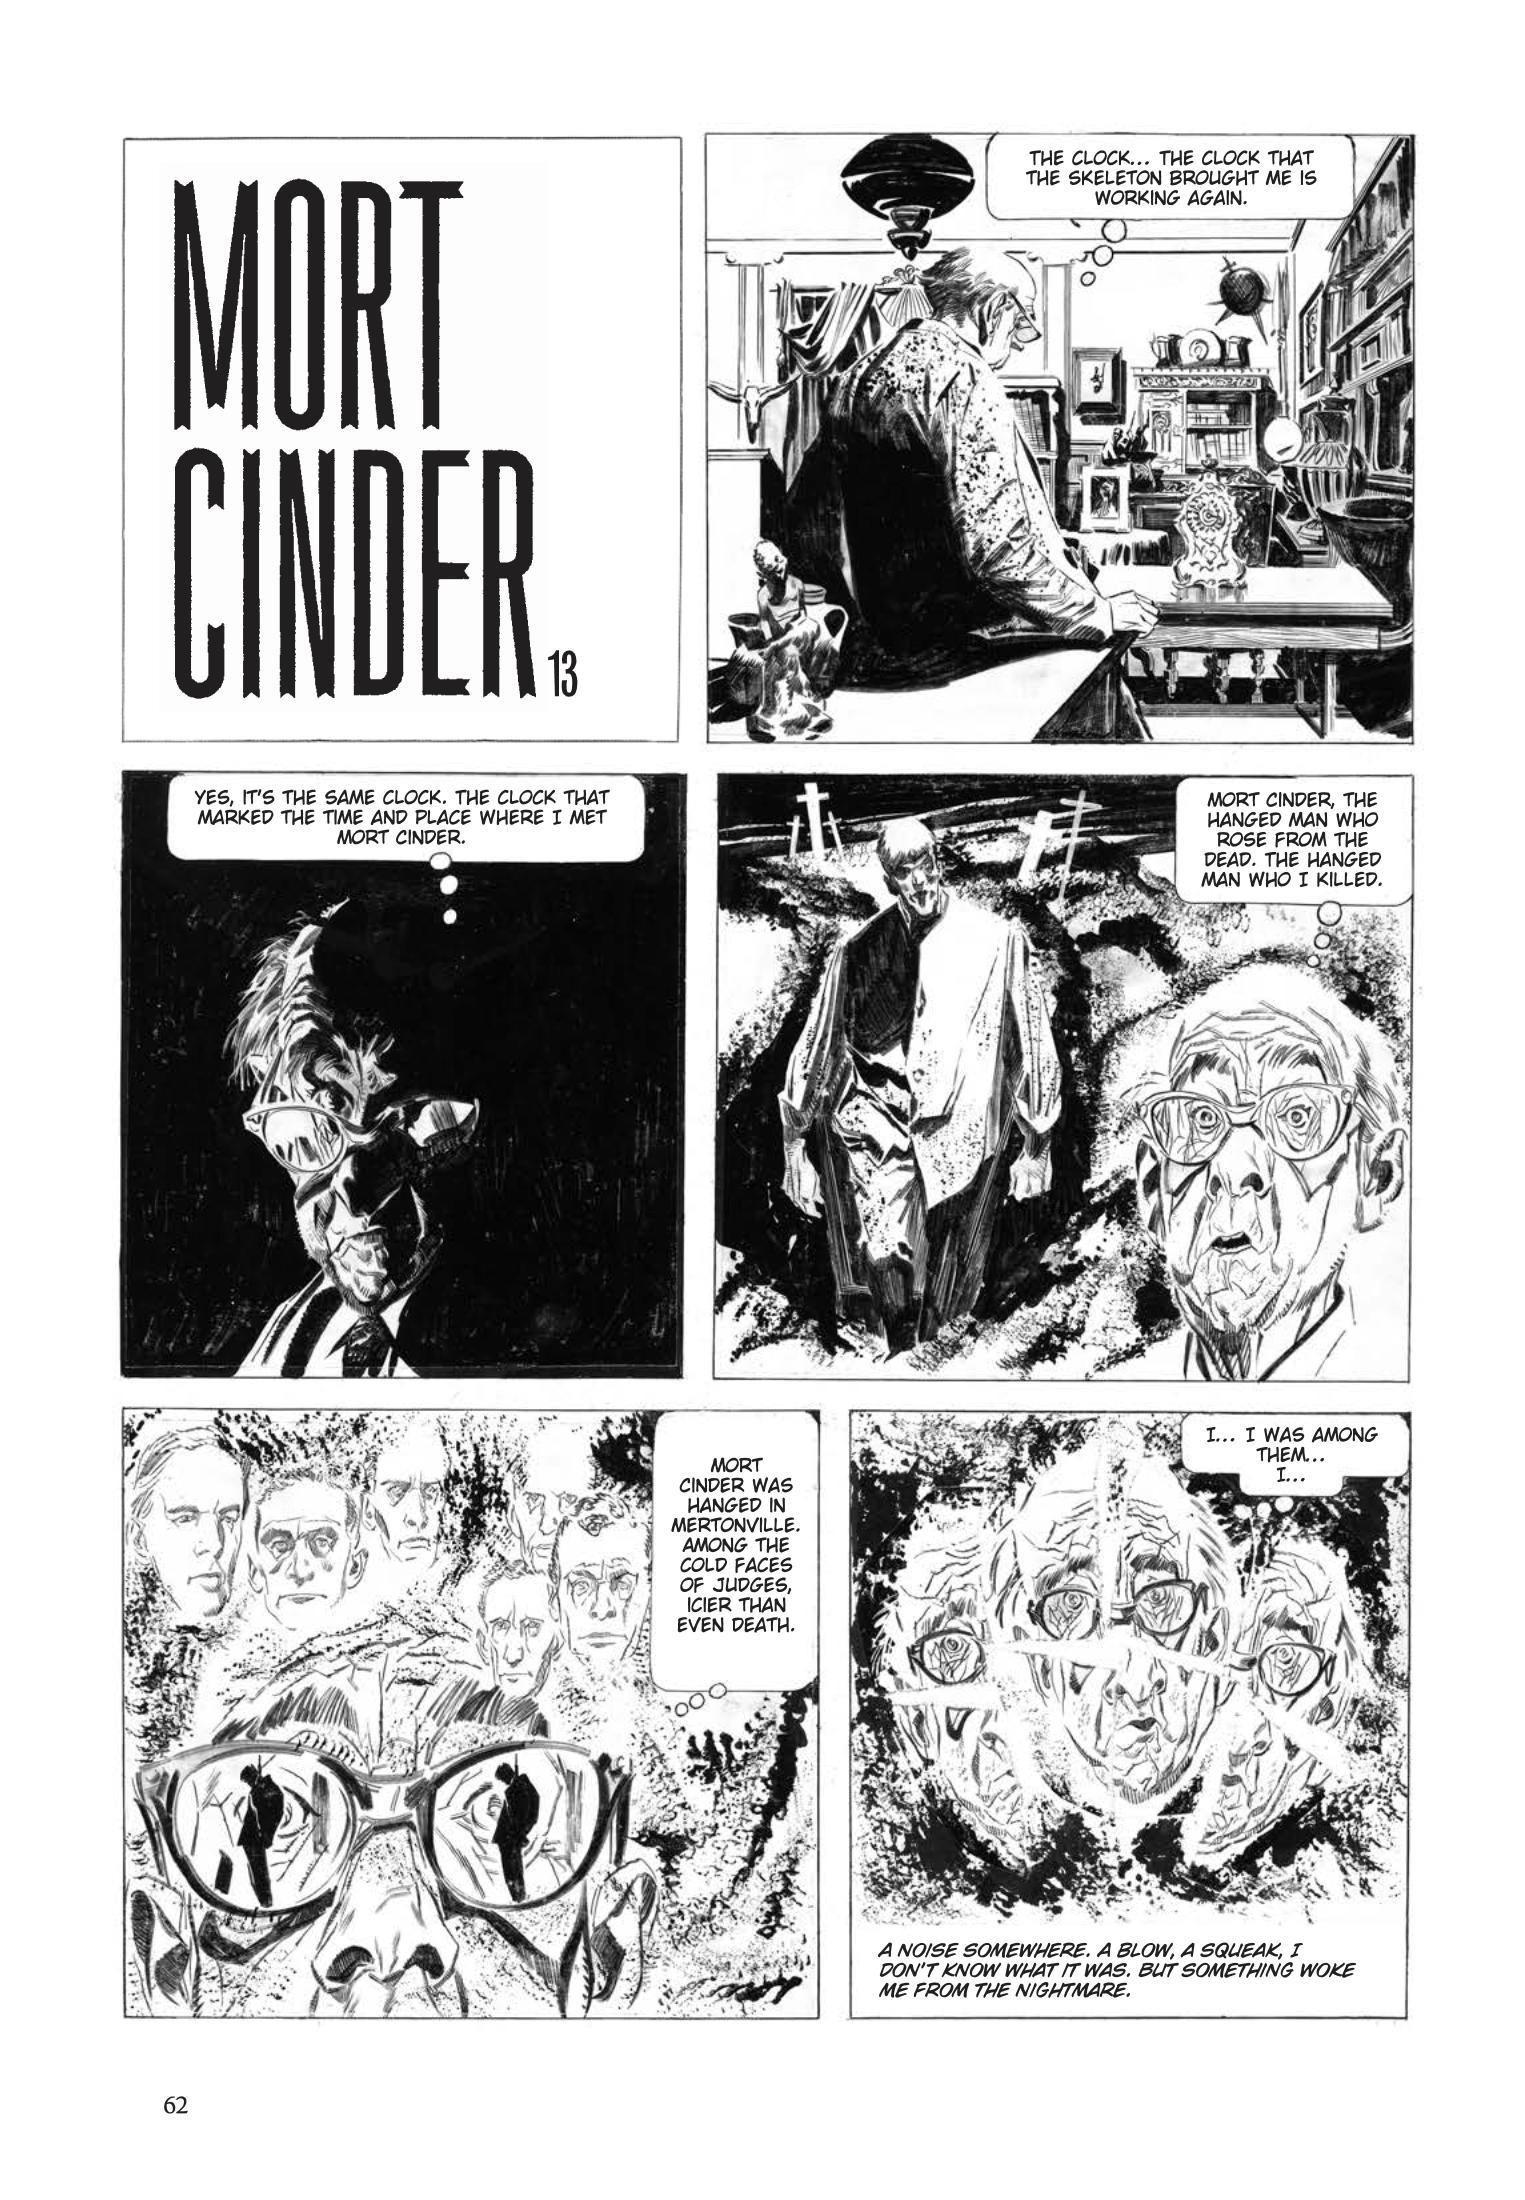 Mort Cinder review